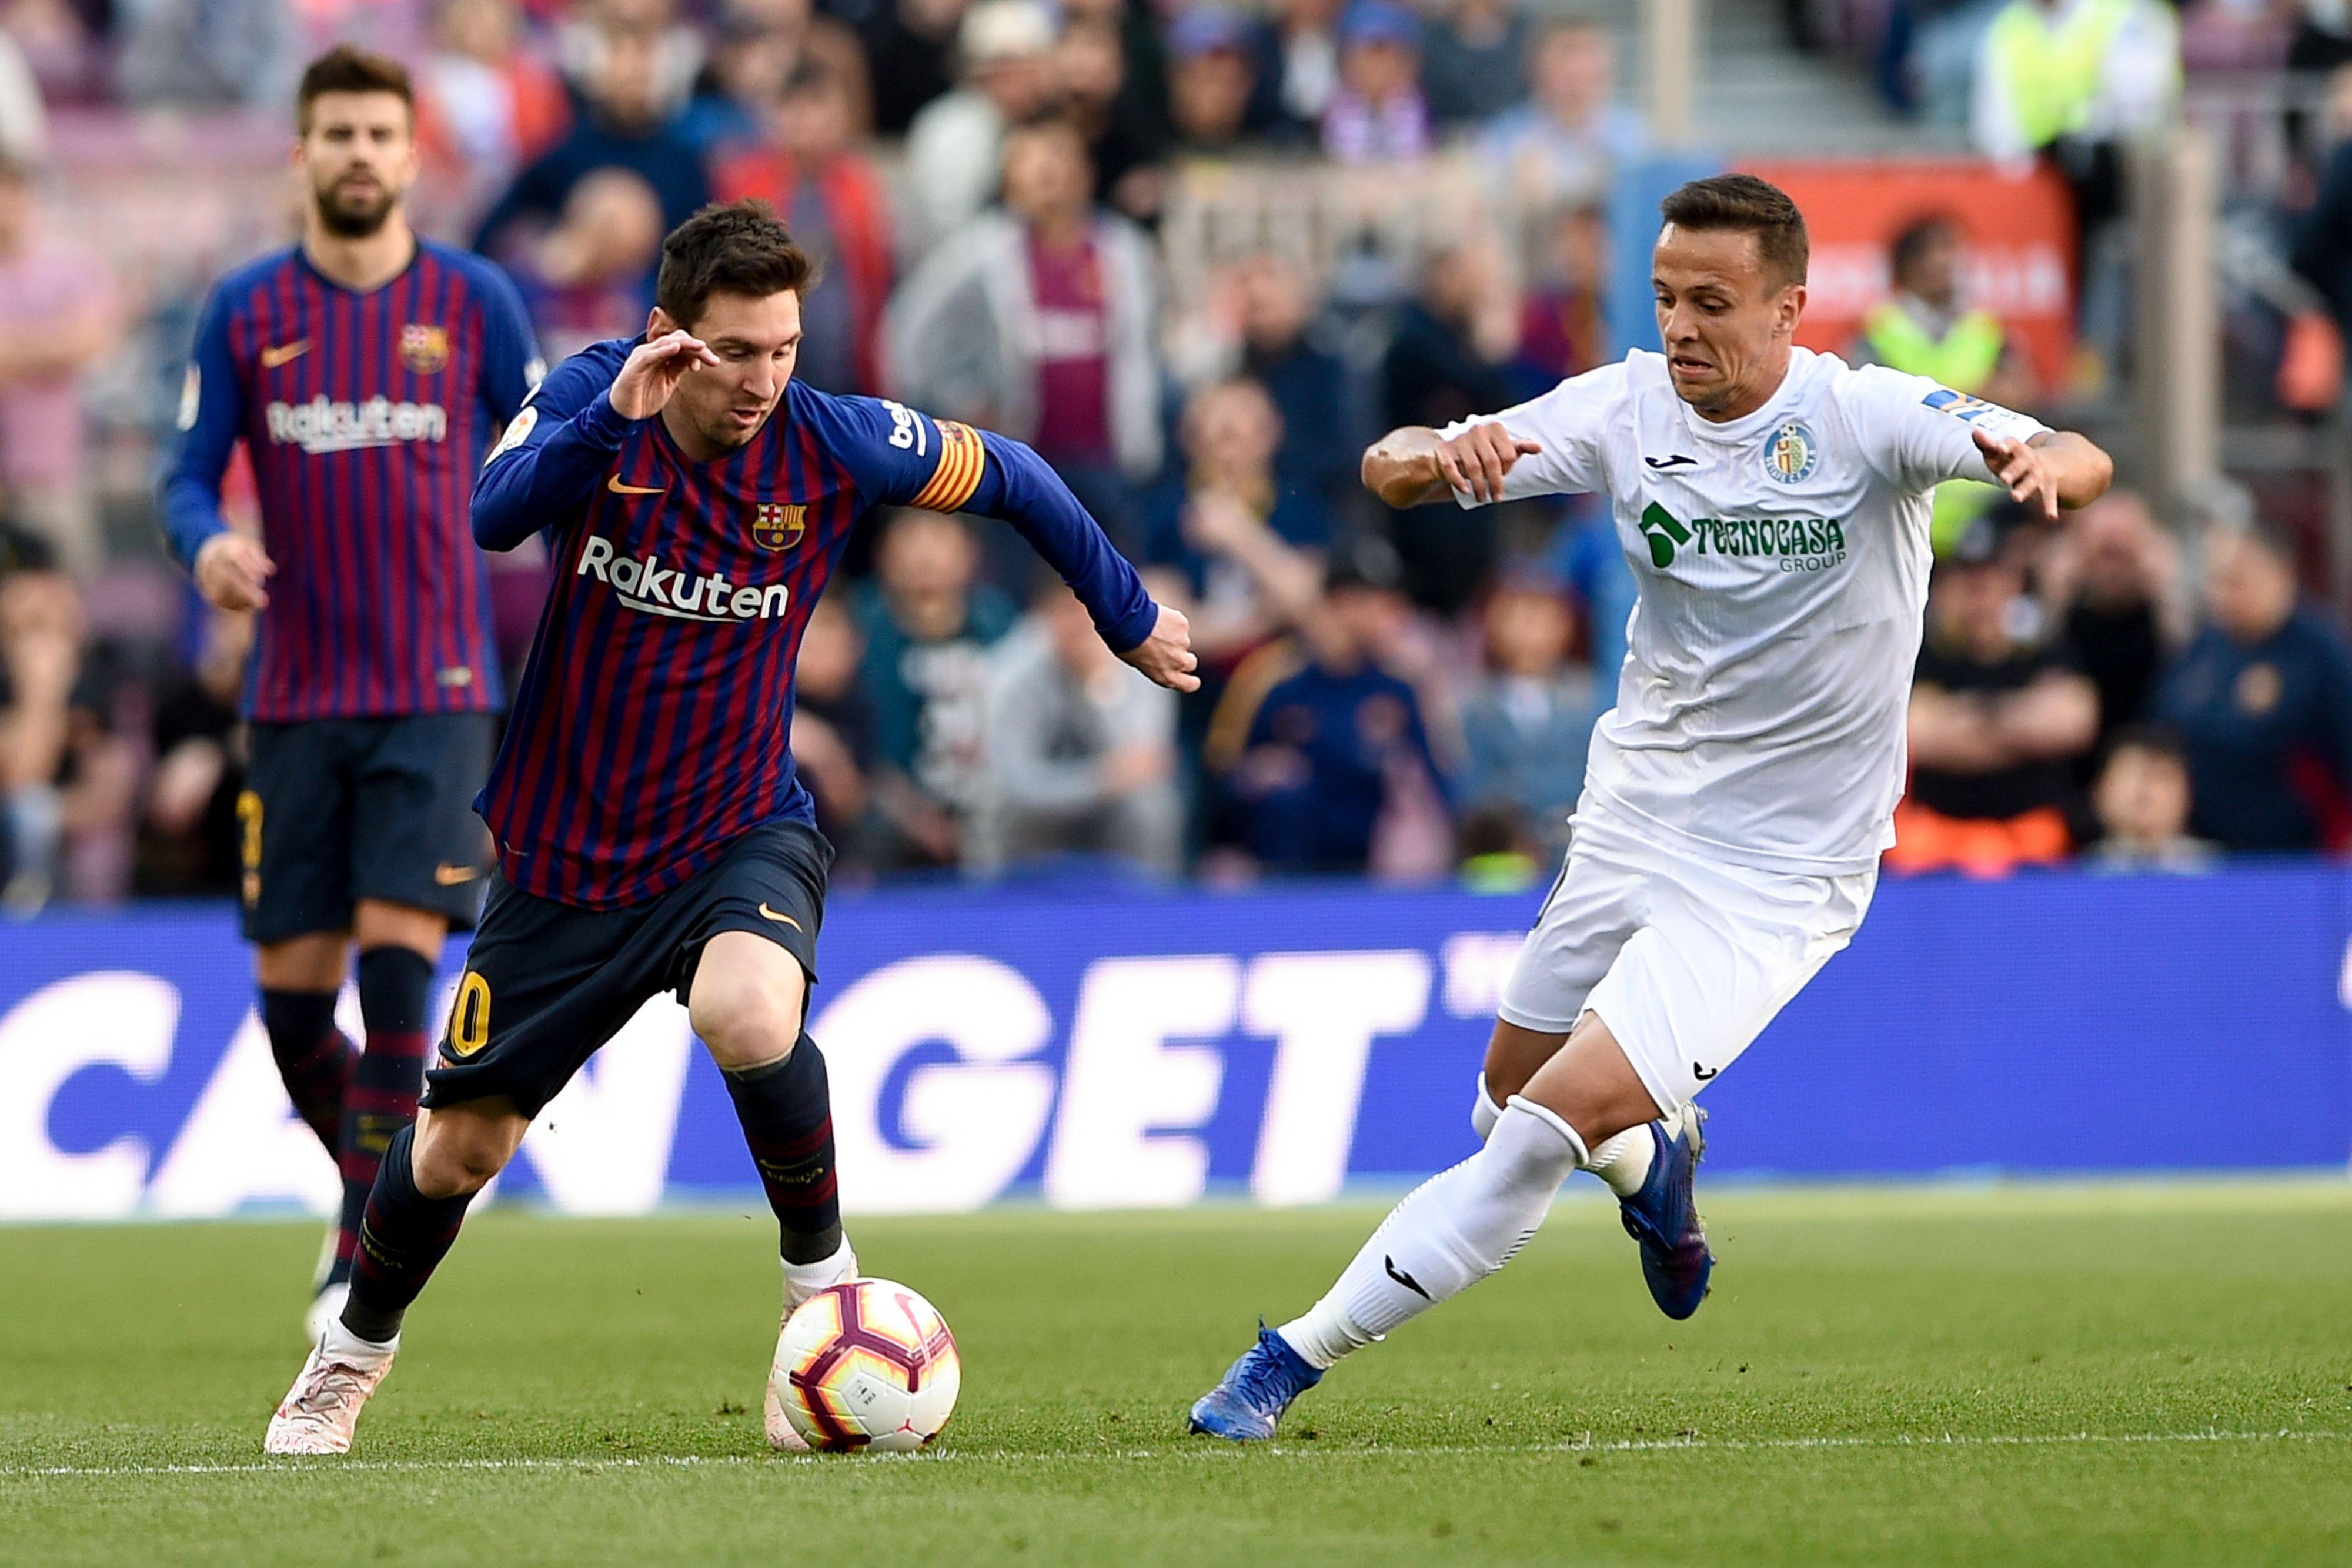 Lionel Messi conduce el balón durante el juego. (Foto Prensa Libre: AFP)